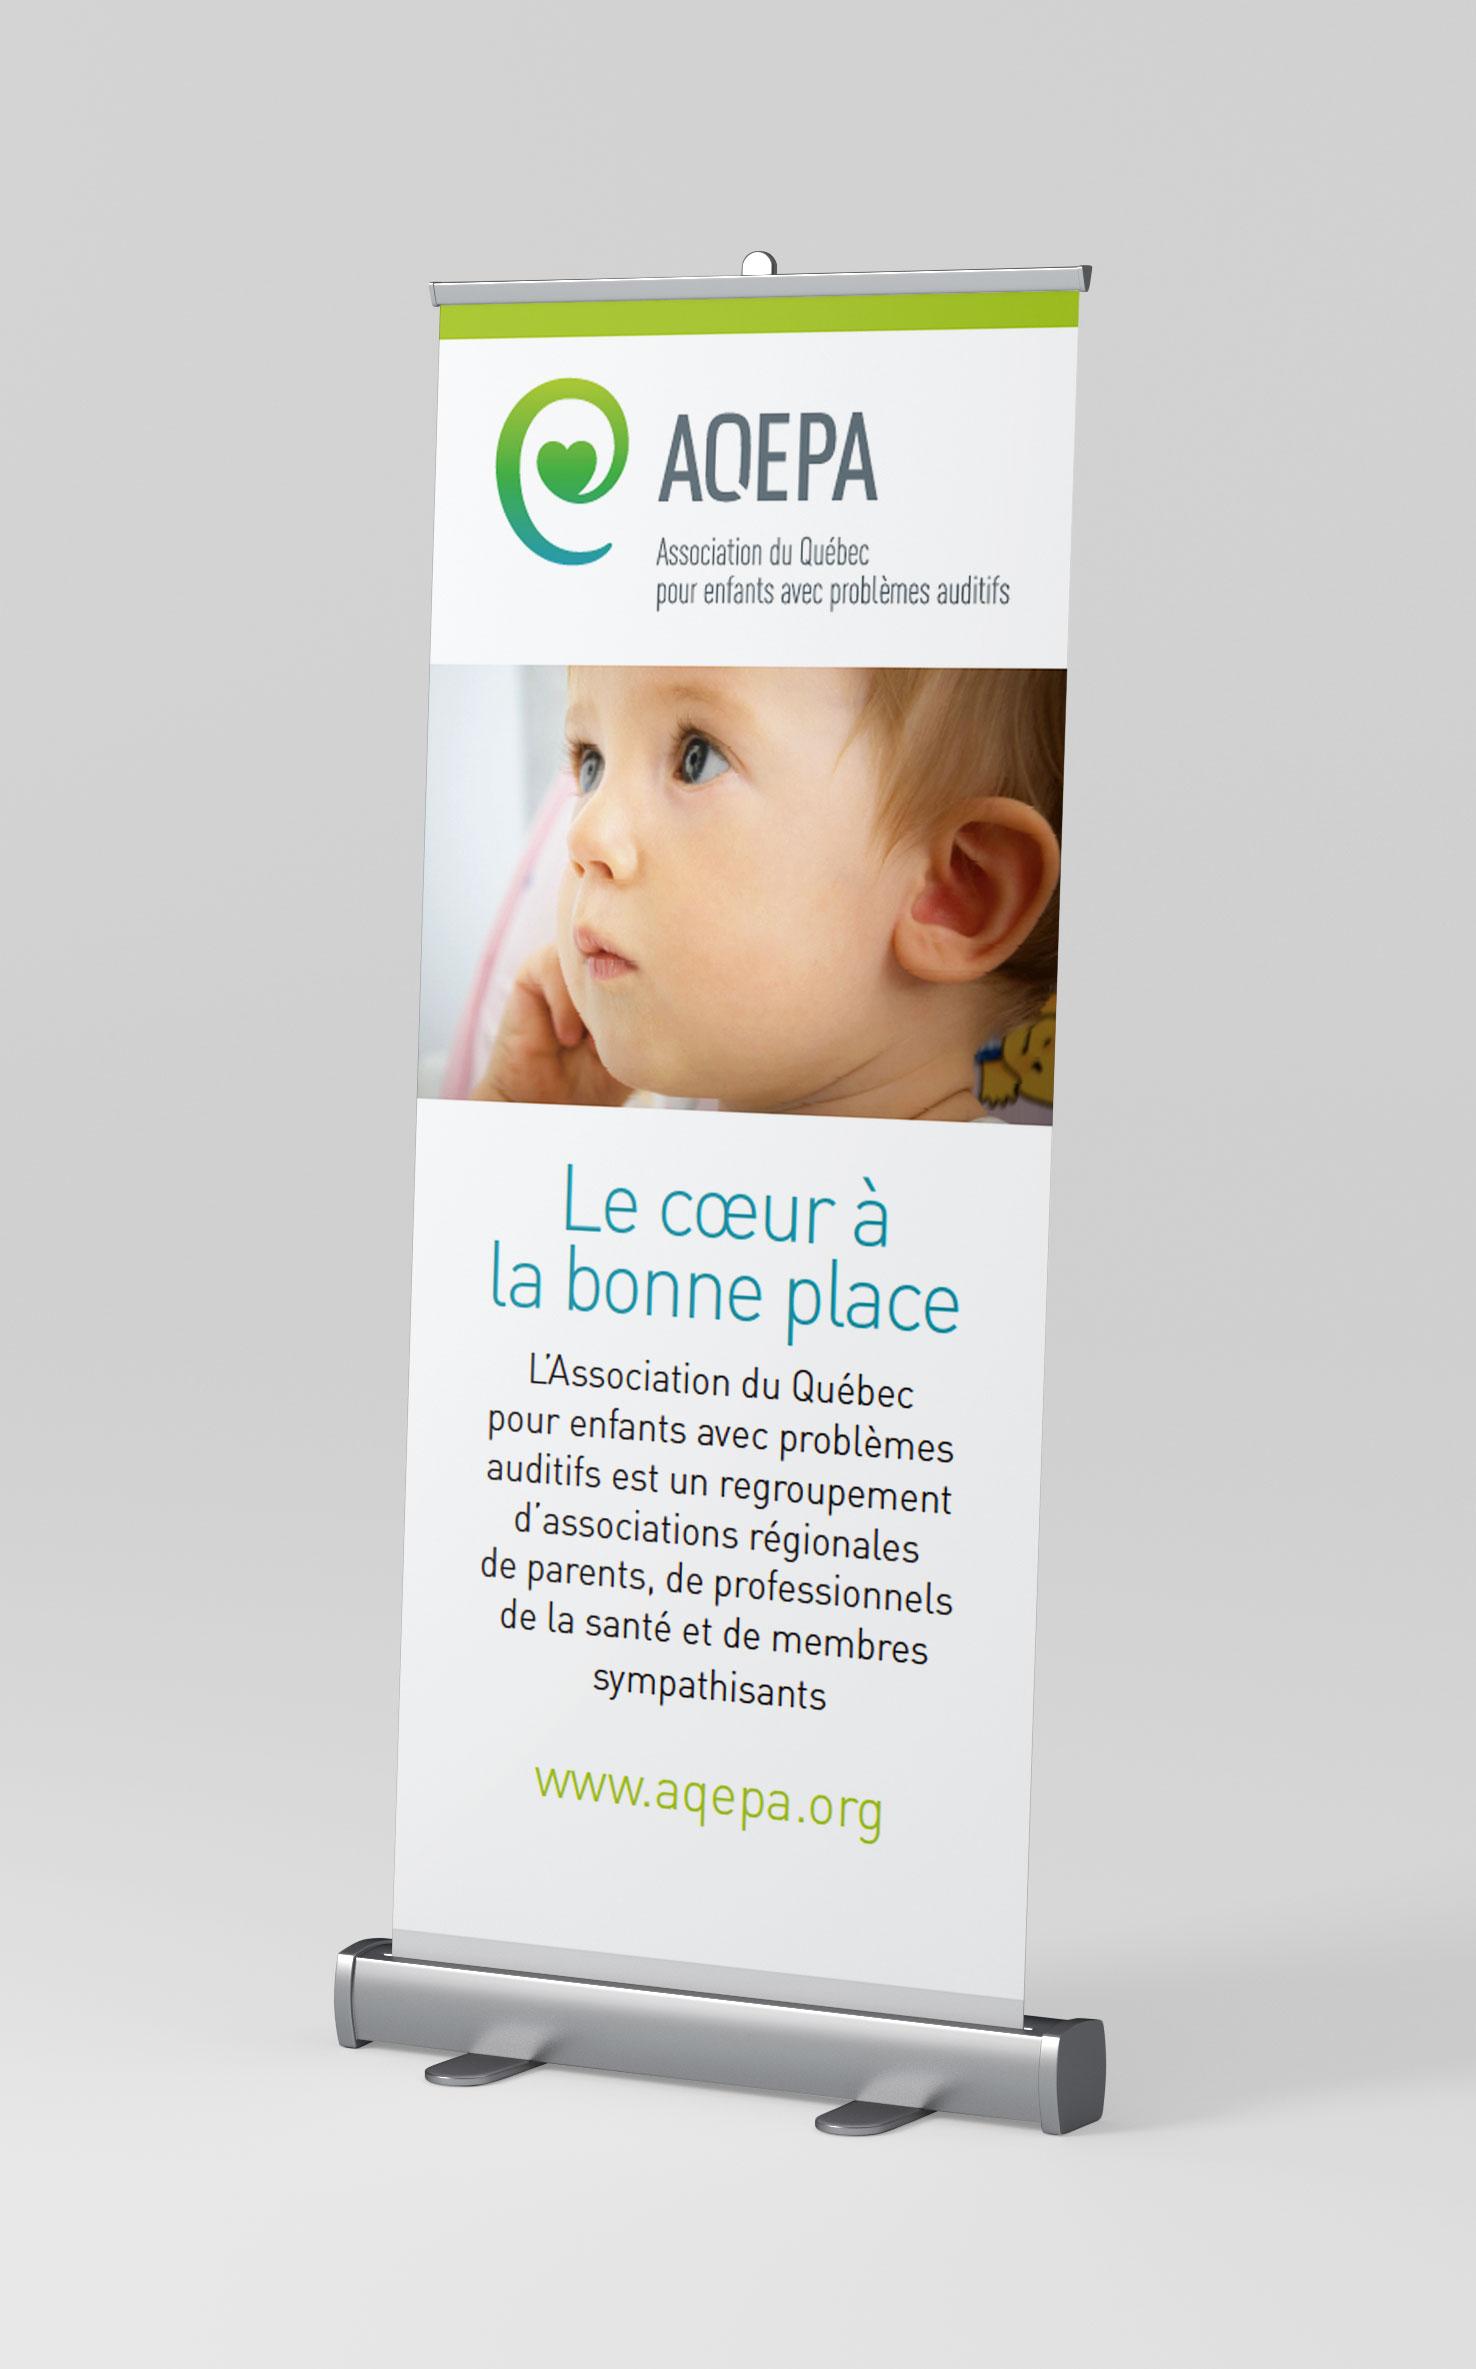 aqepa-4.jpg